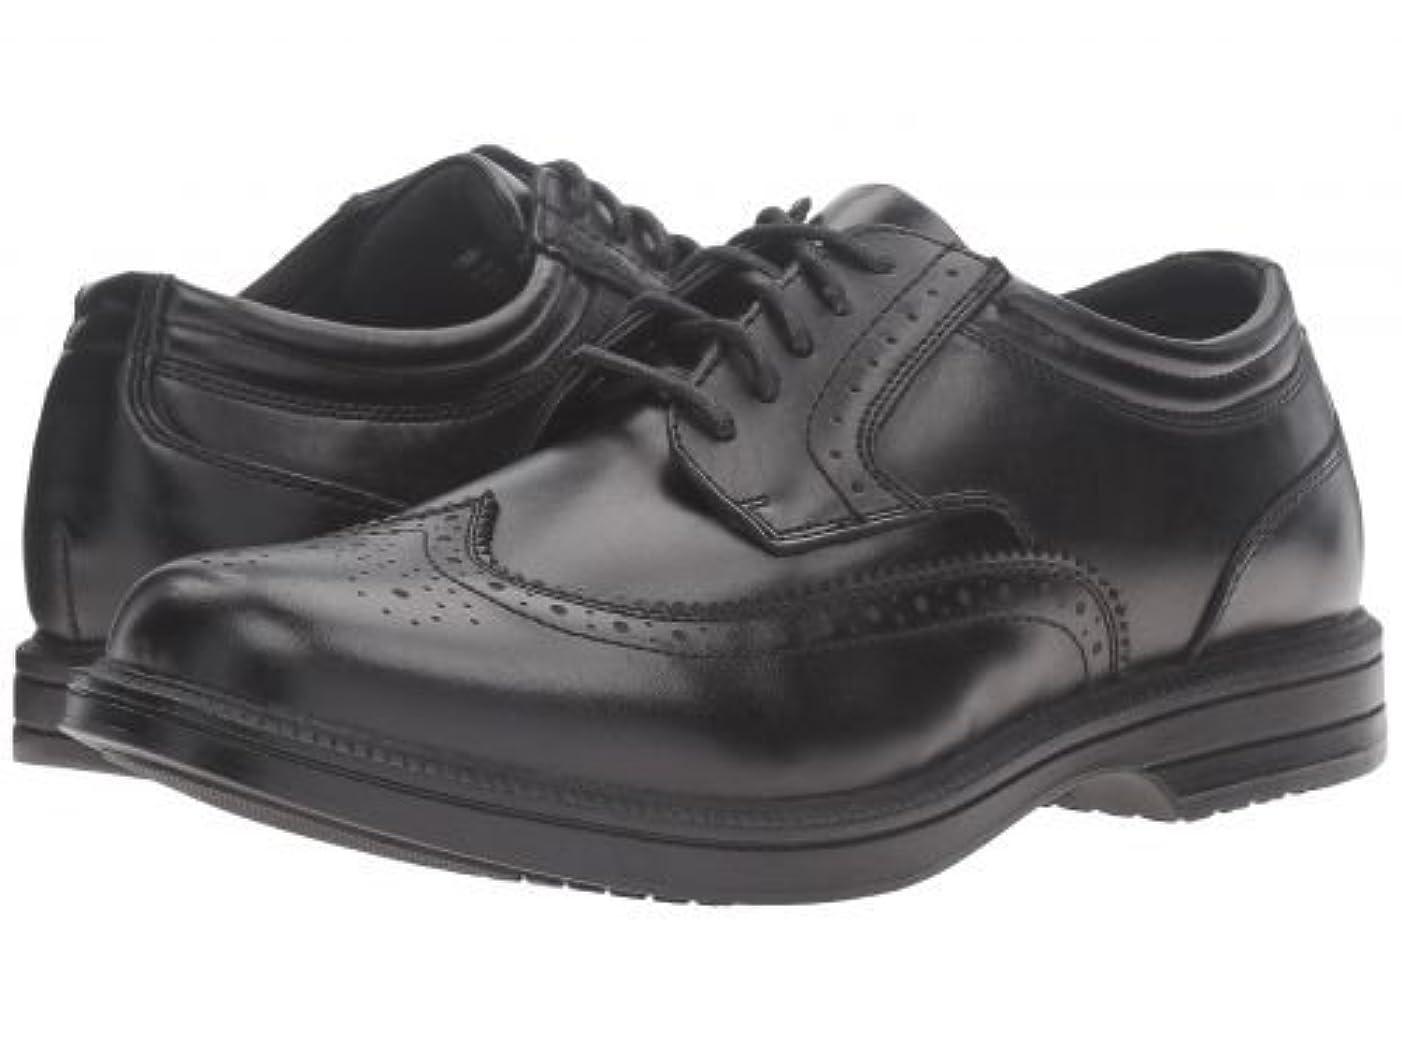 マージンモンク侵入Deer Stags(デアスタッグズ) メンズ 男性用 シューズ 靴 オックスフォード 紳士靴 通勤靴 Nu Journal - Black [並行輸入品]